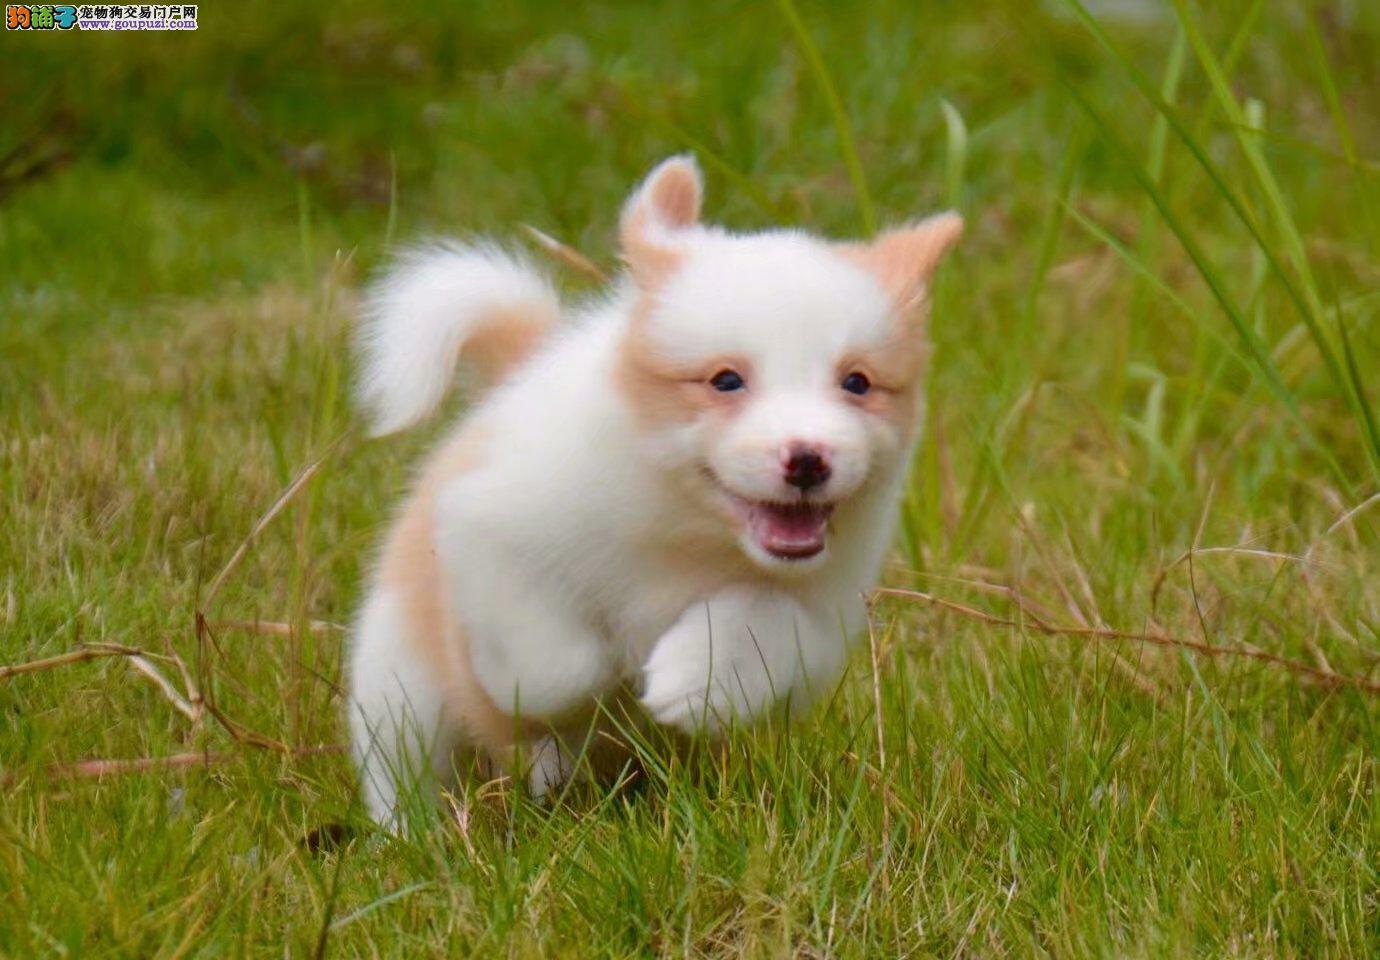 边境纯种牧羊犬养殖基地 出售纯种赛级健康边境幼犬2